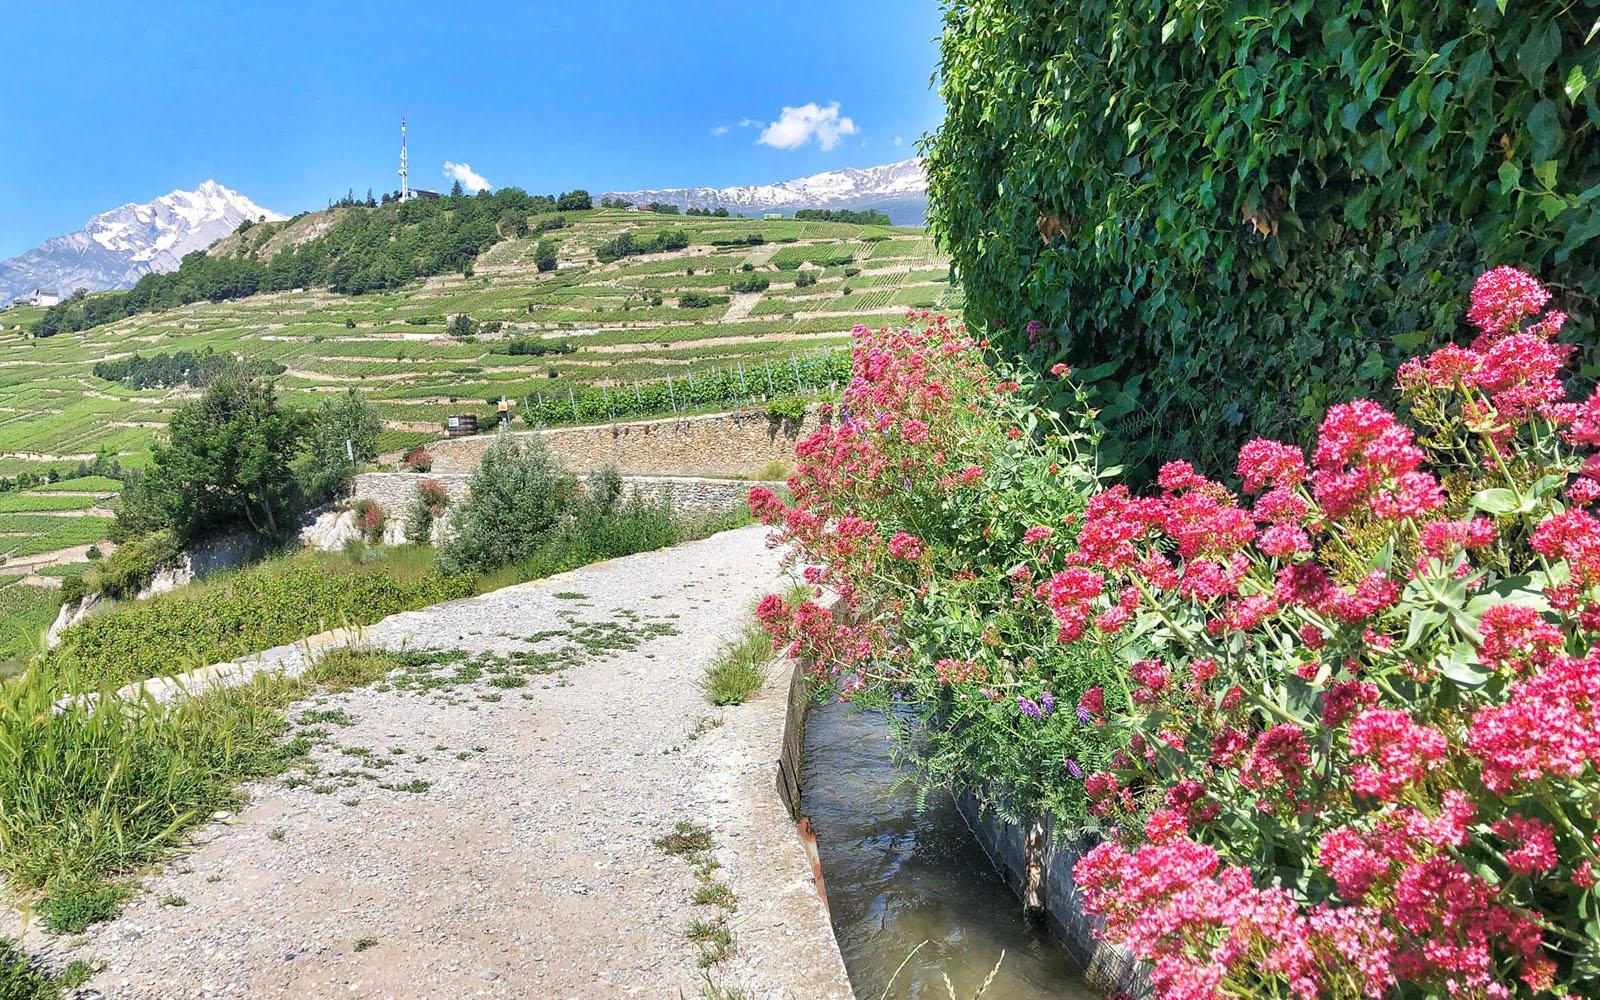 Il percorso di trekking lungo le 'bisse' di Sion, tra i vigneti. © oltreilbalcone